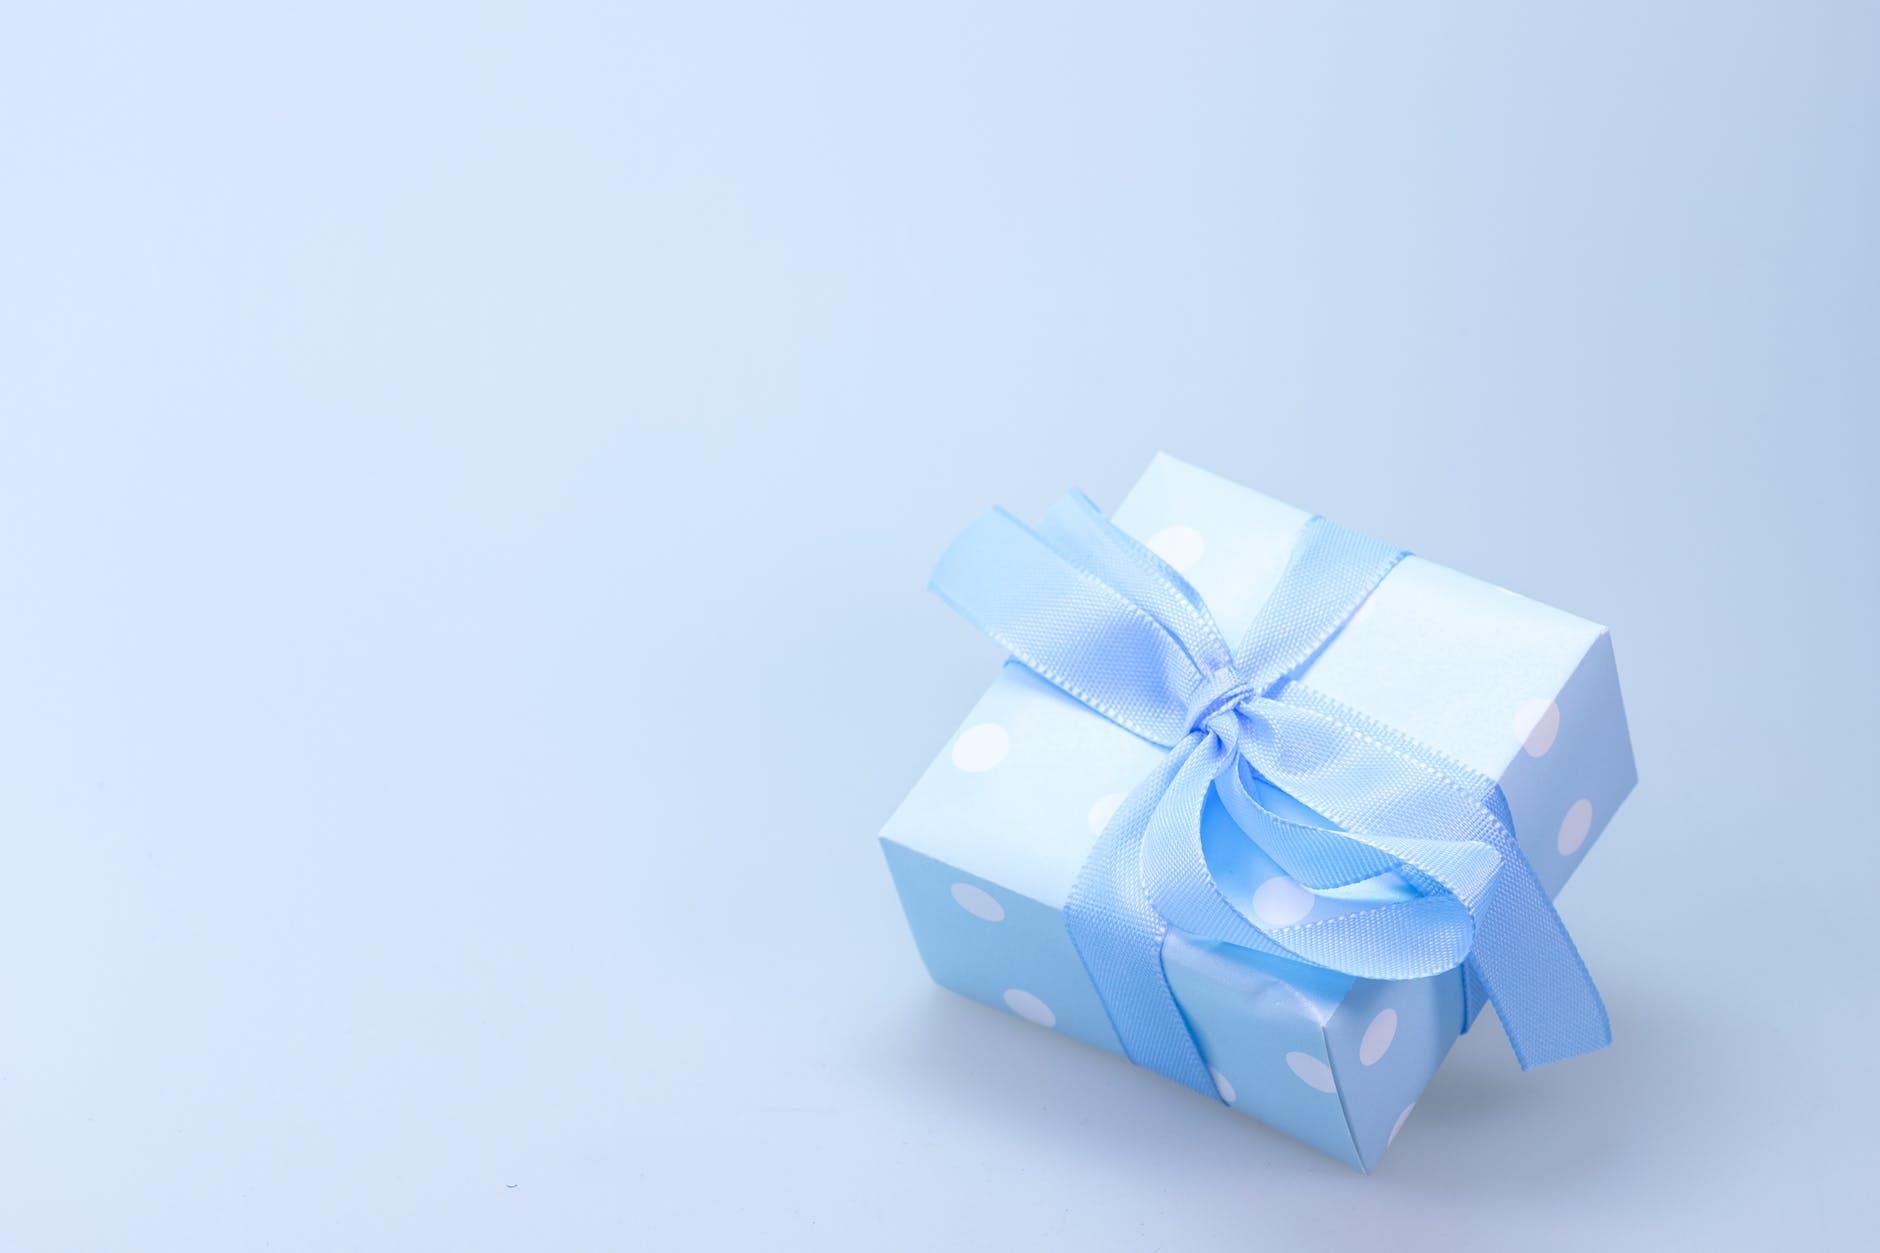 30493648e0d83 Erkek Sevgiliye Doğum Günü Hediyesi Ne Alınır? 8 Unutulmayacak ...